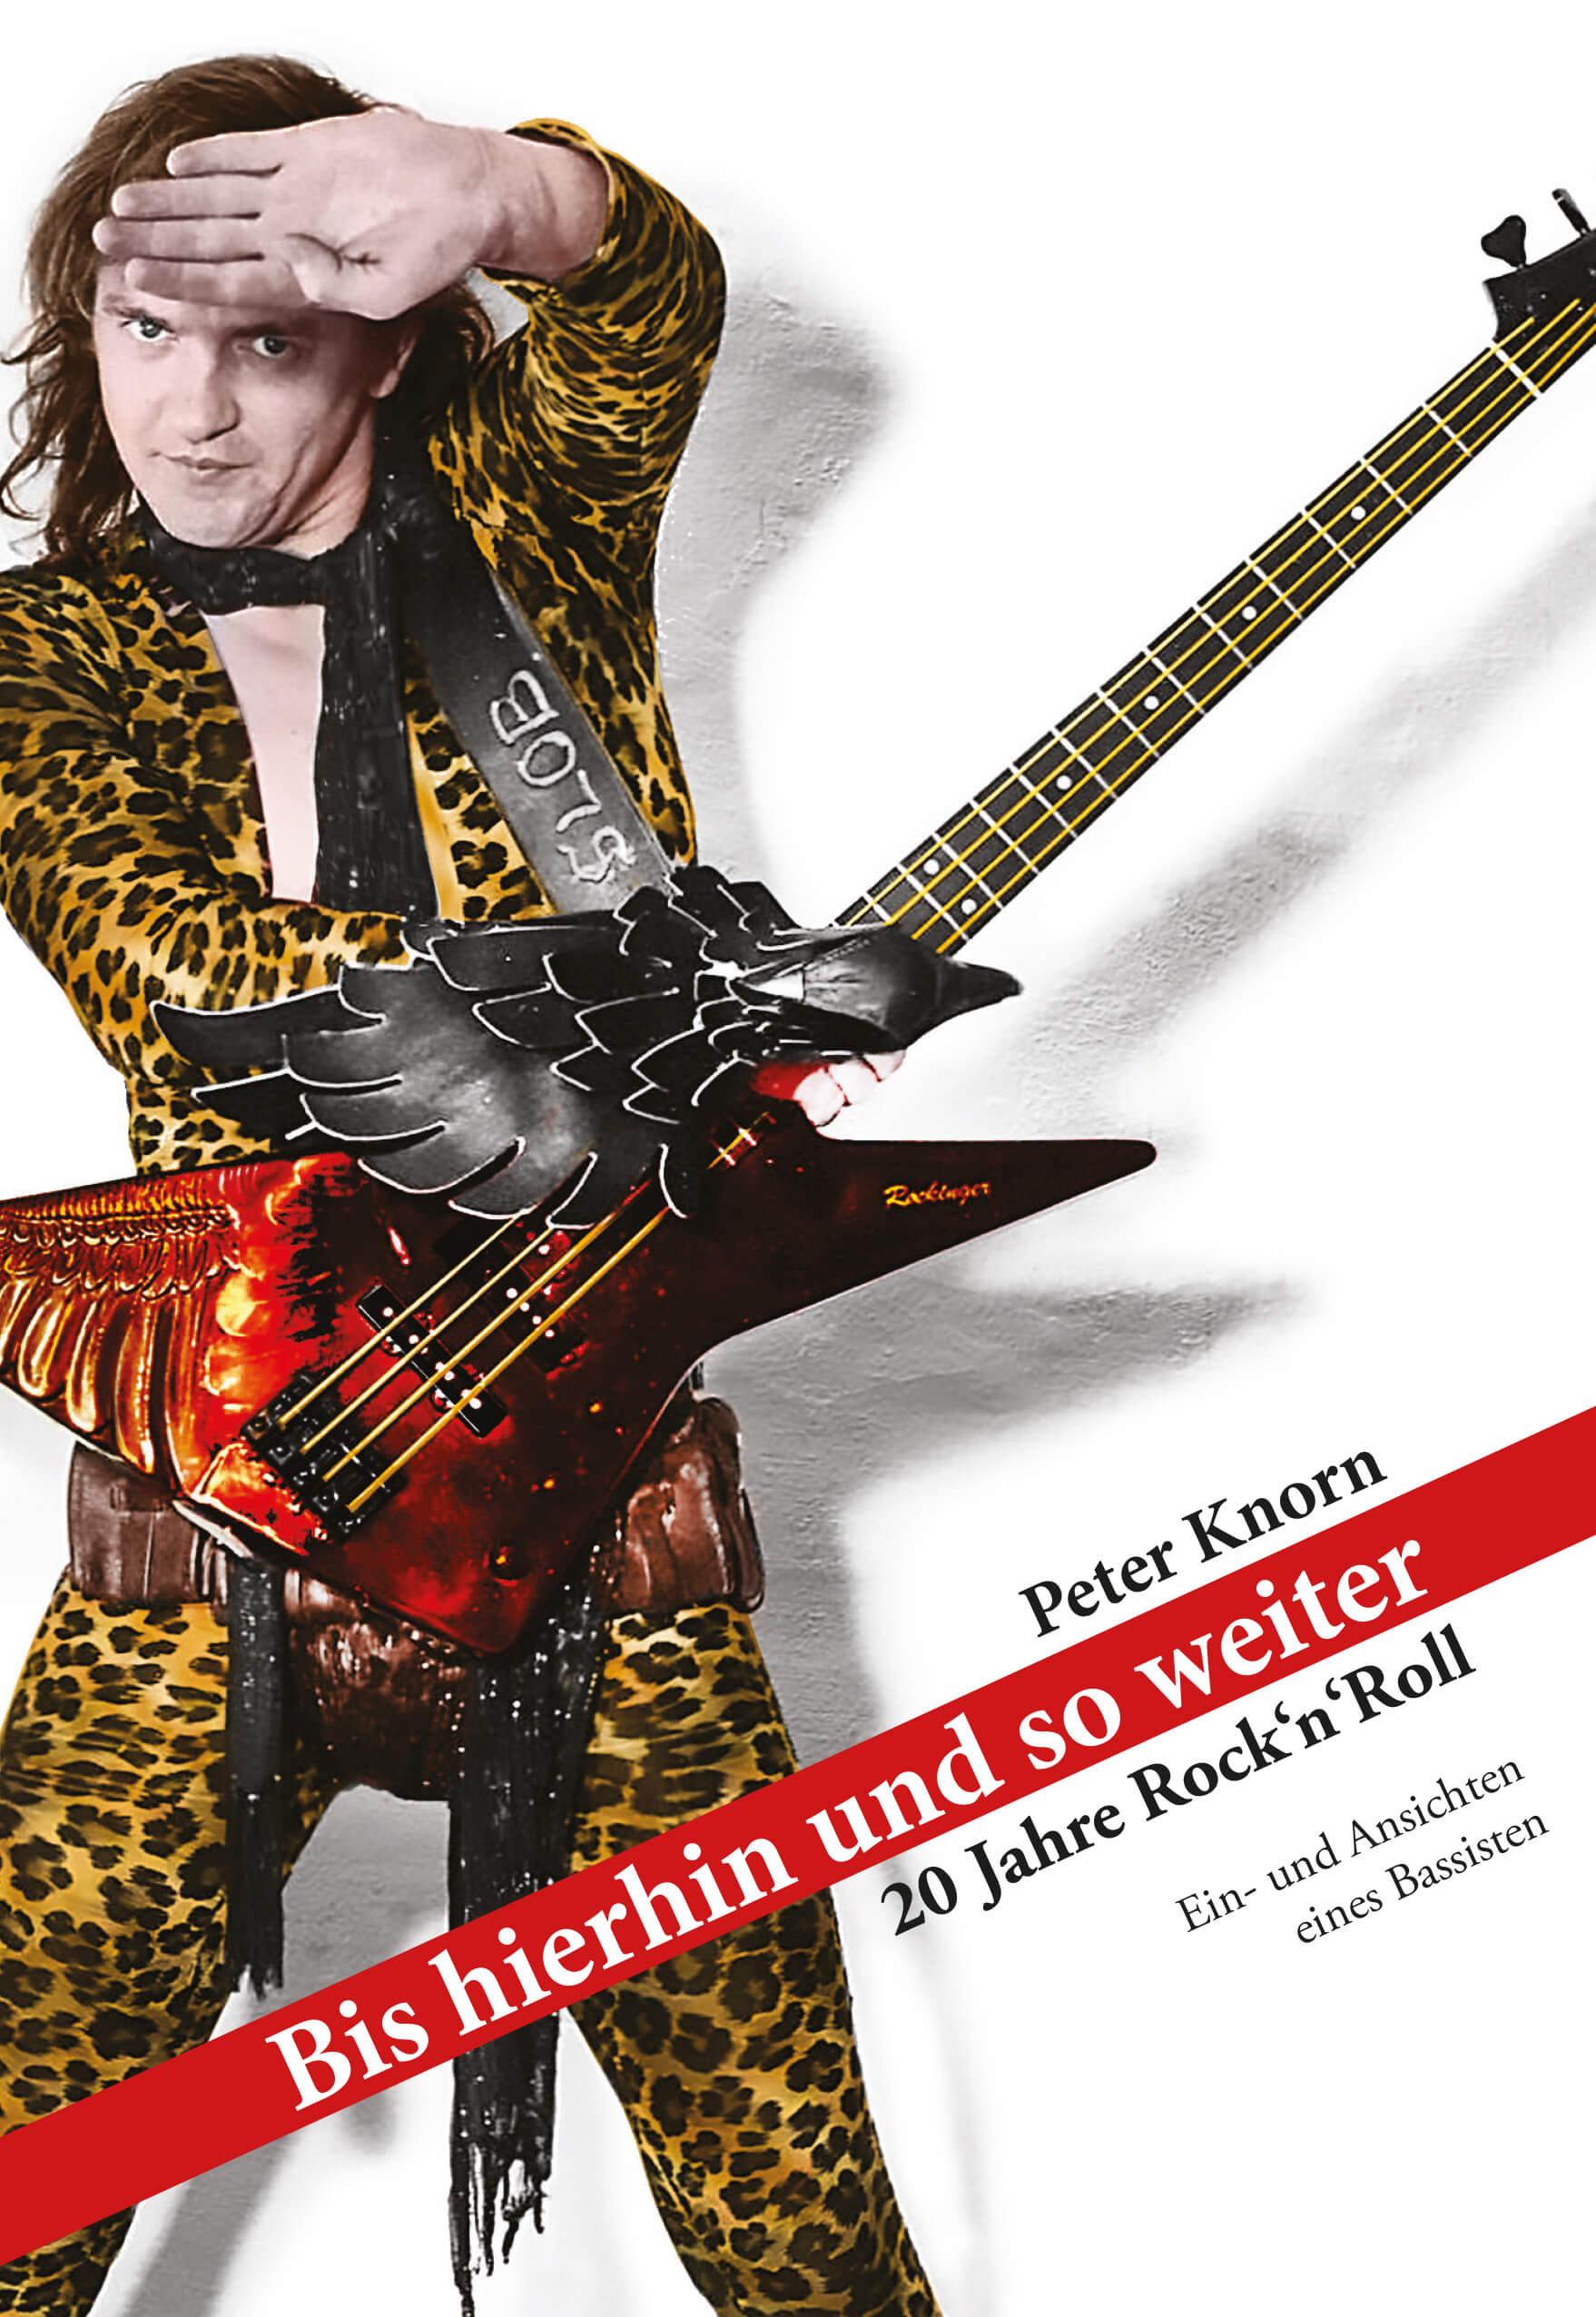 Peter Knorn_Bis hierhin und so weiter_Buch-Cover_web